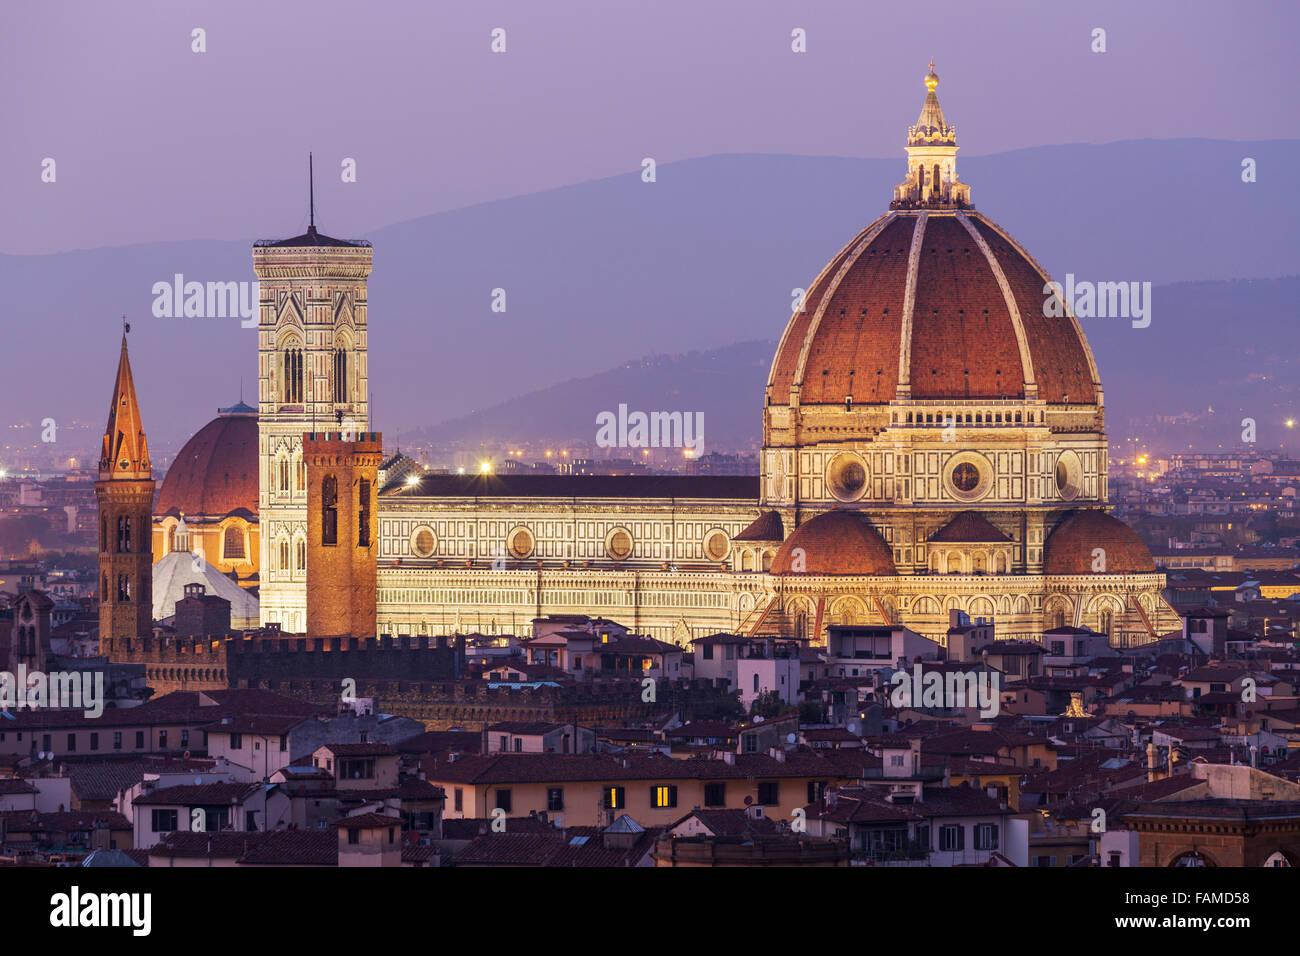 La cathédrale de Florence, le centre historique au crépuscule, Florence, Toscane, Italie Photo Stock